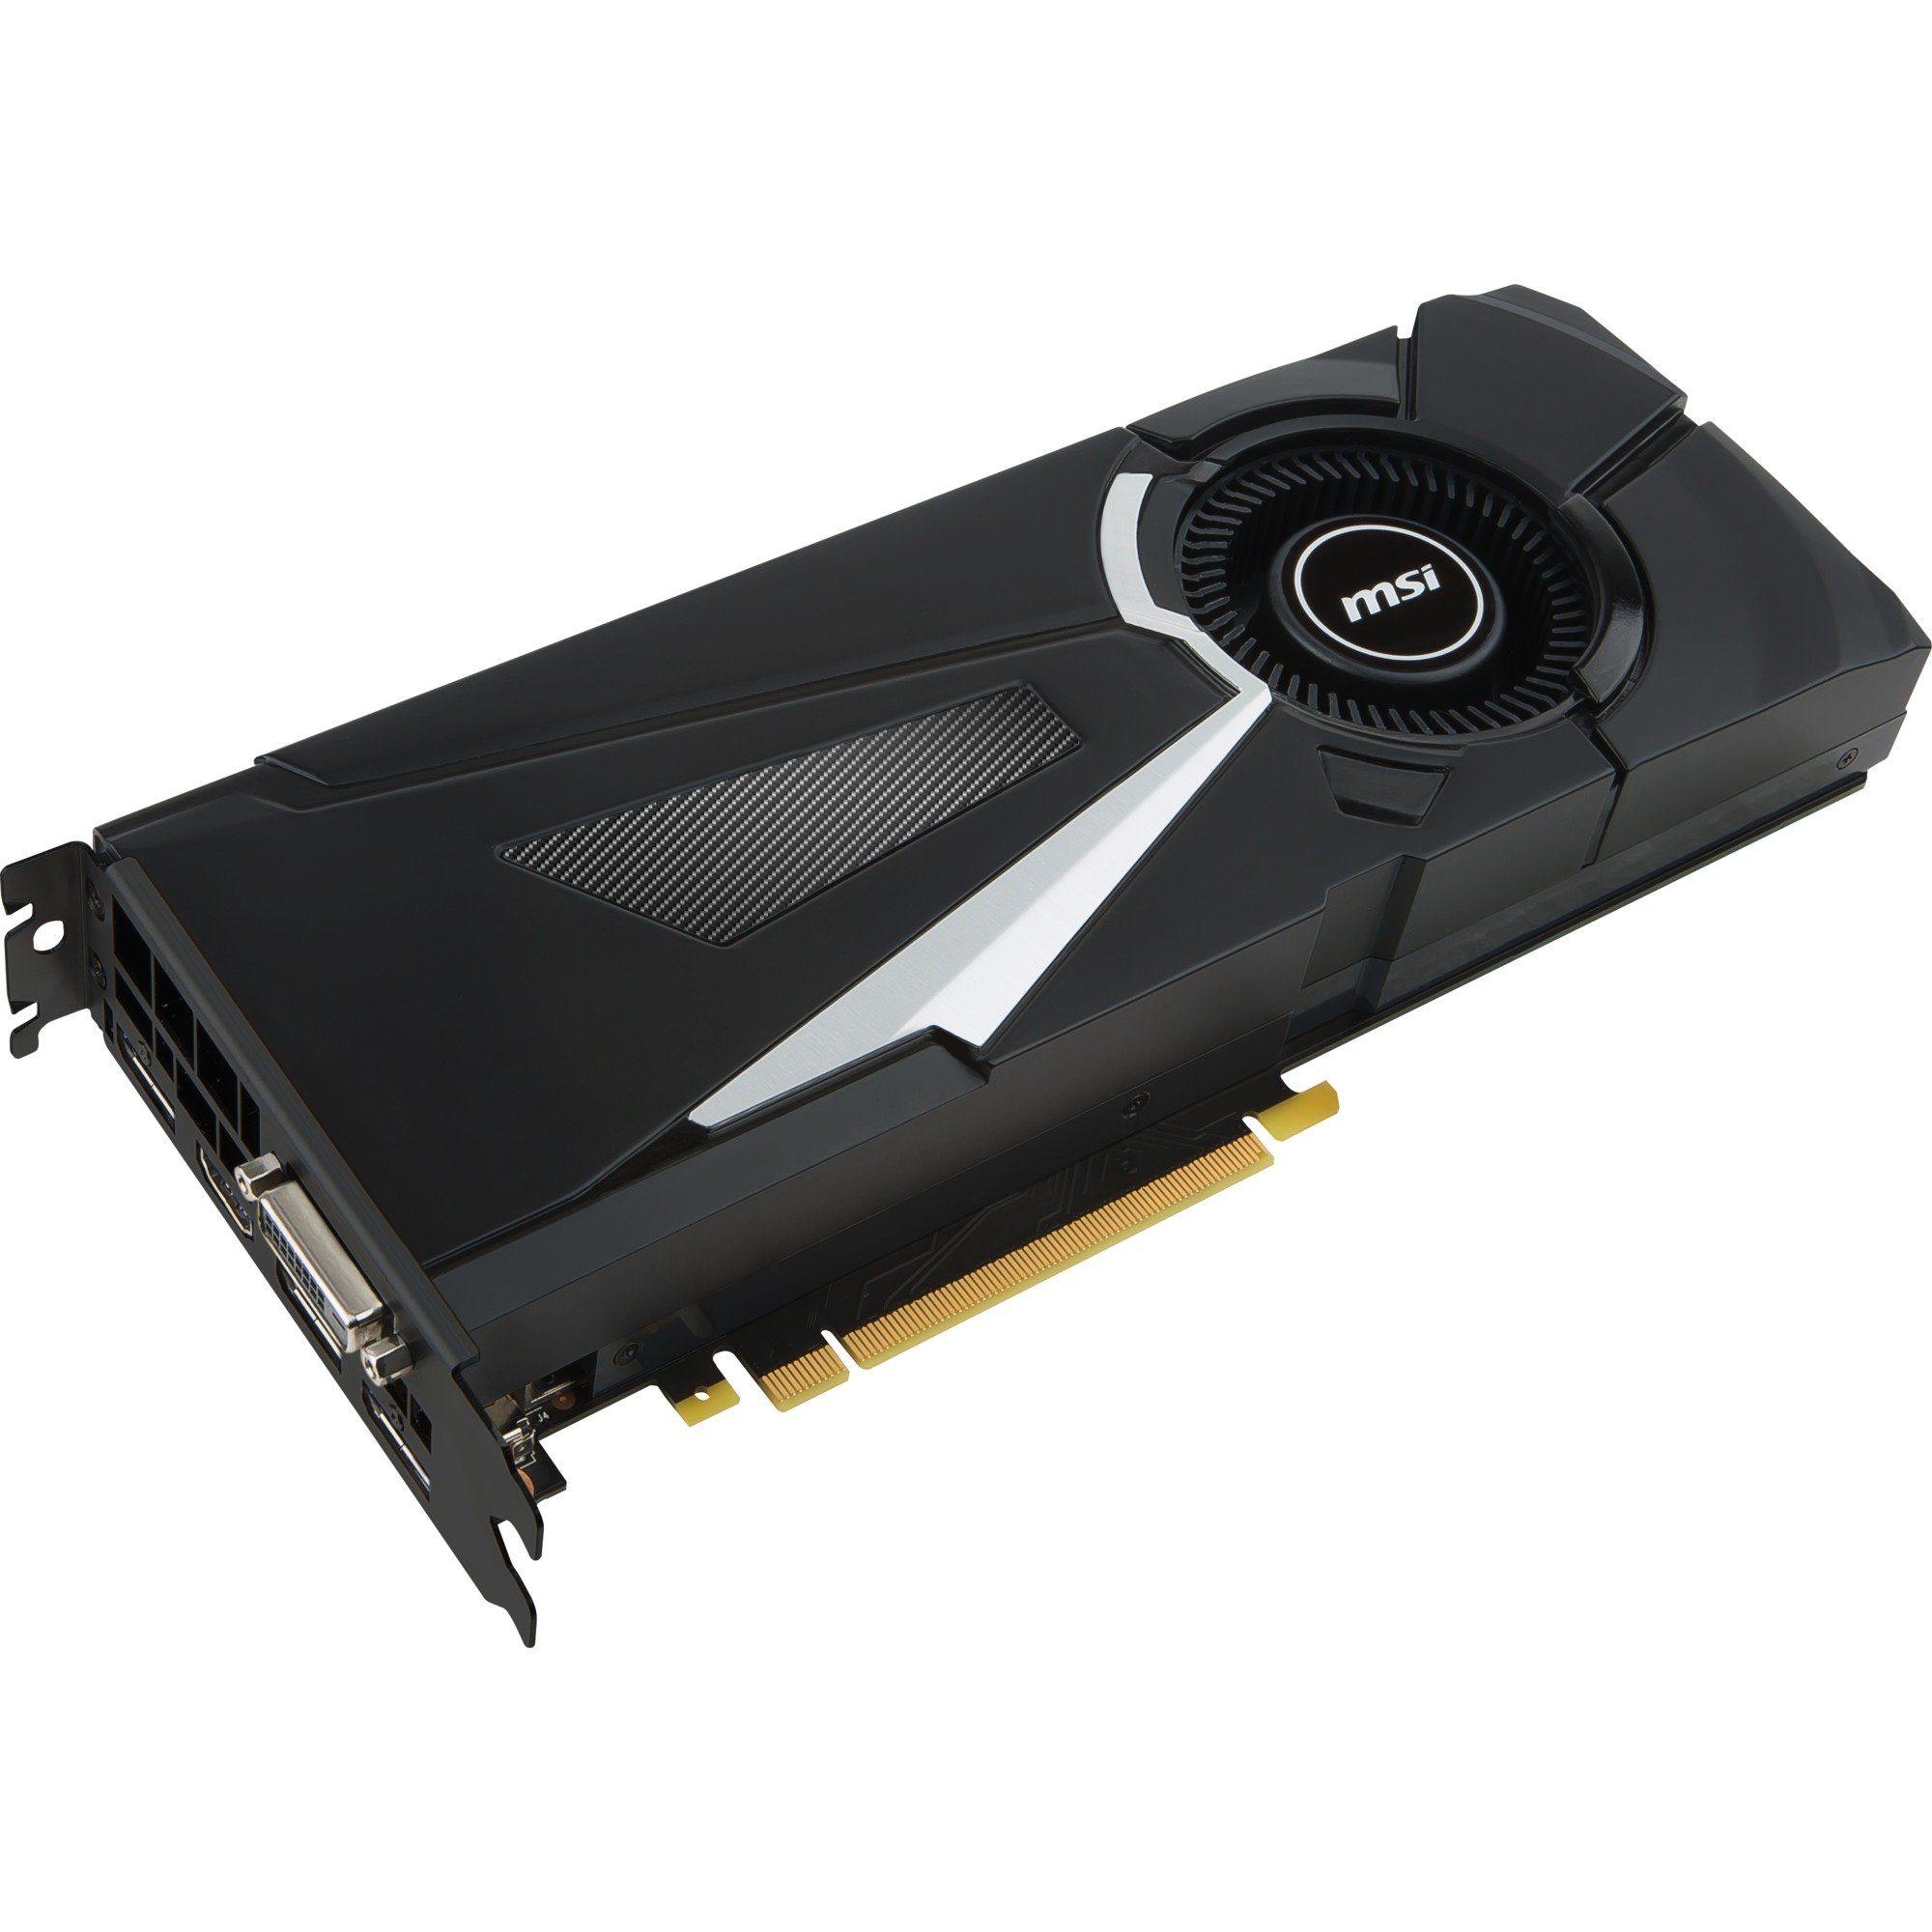 MSI Grafikkarte »GeForce GTX 1080 AERO 8G OC«